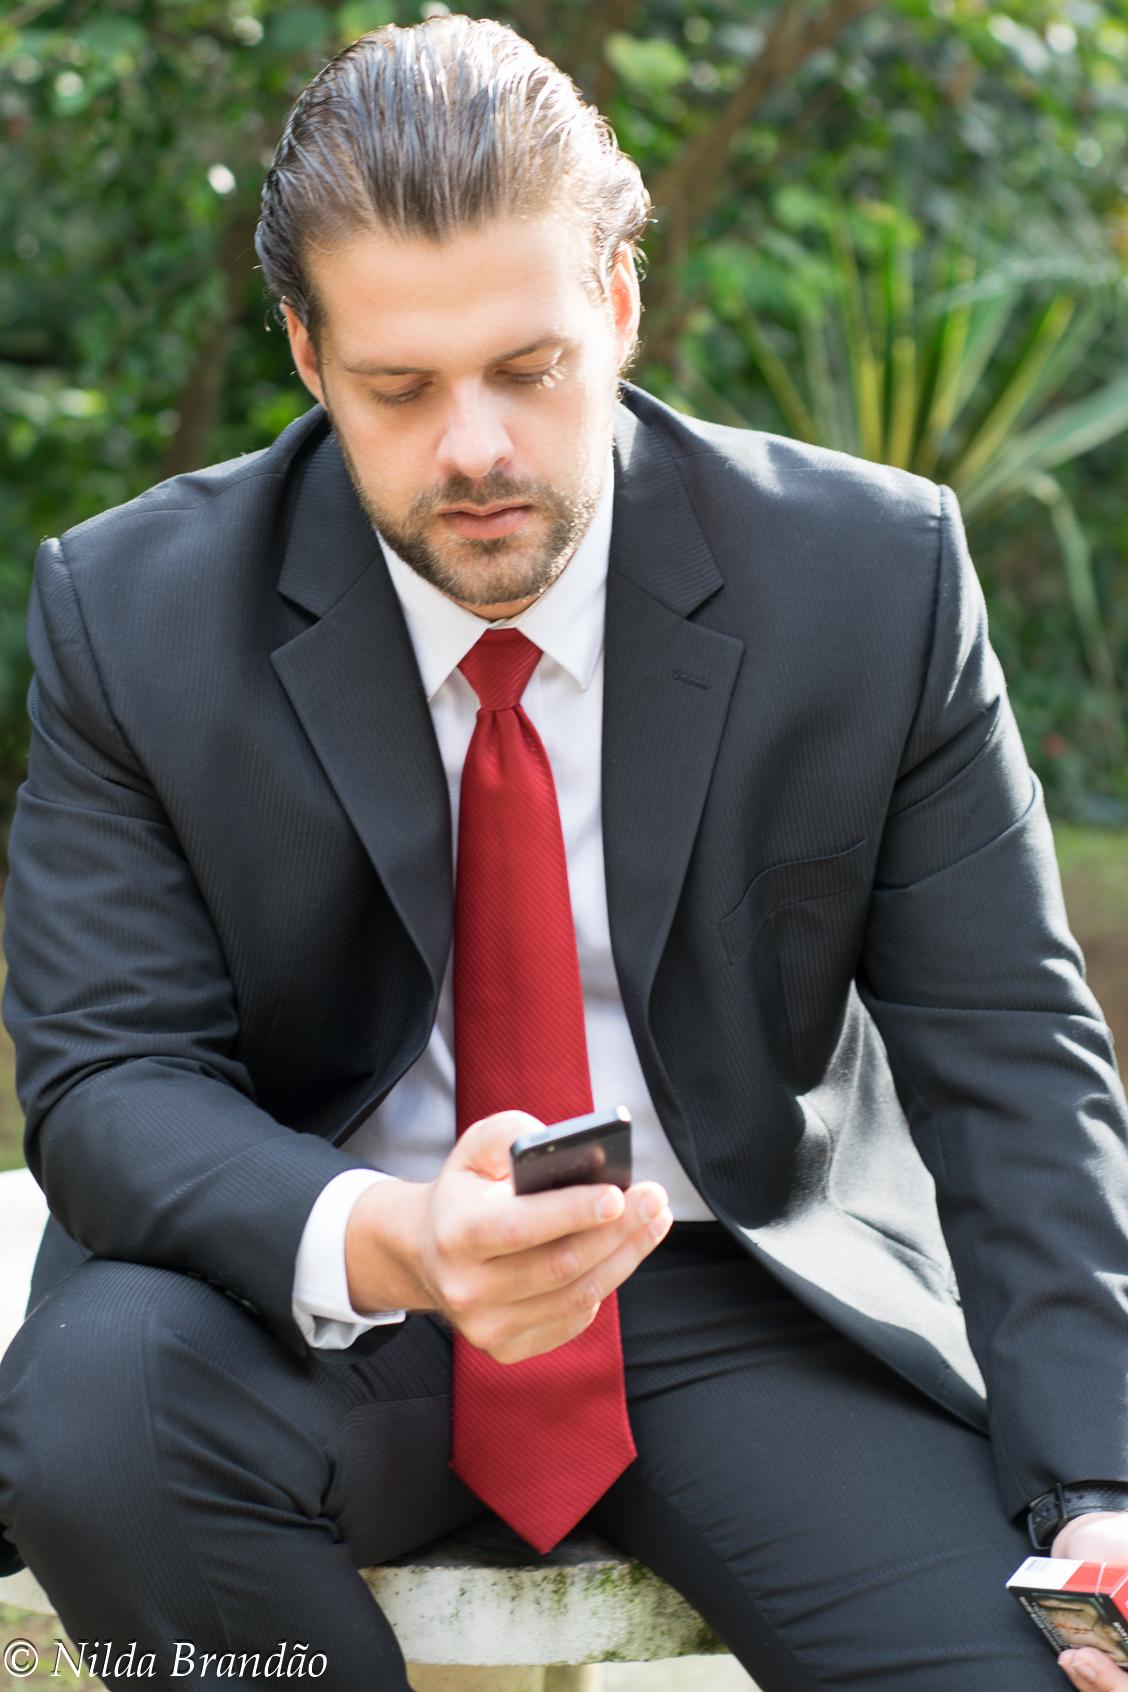 Ele está um charme nesse terno, a gravata vermelha deu um toque especial, mas o olhar não sai da tela do celular, checando os compromissos.